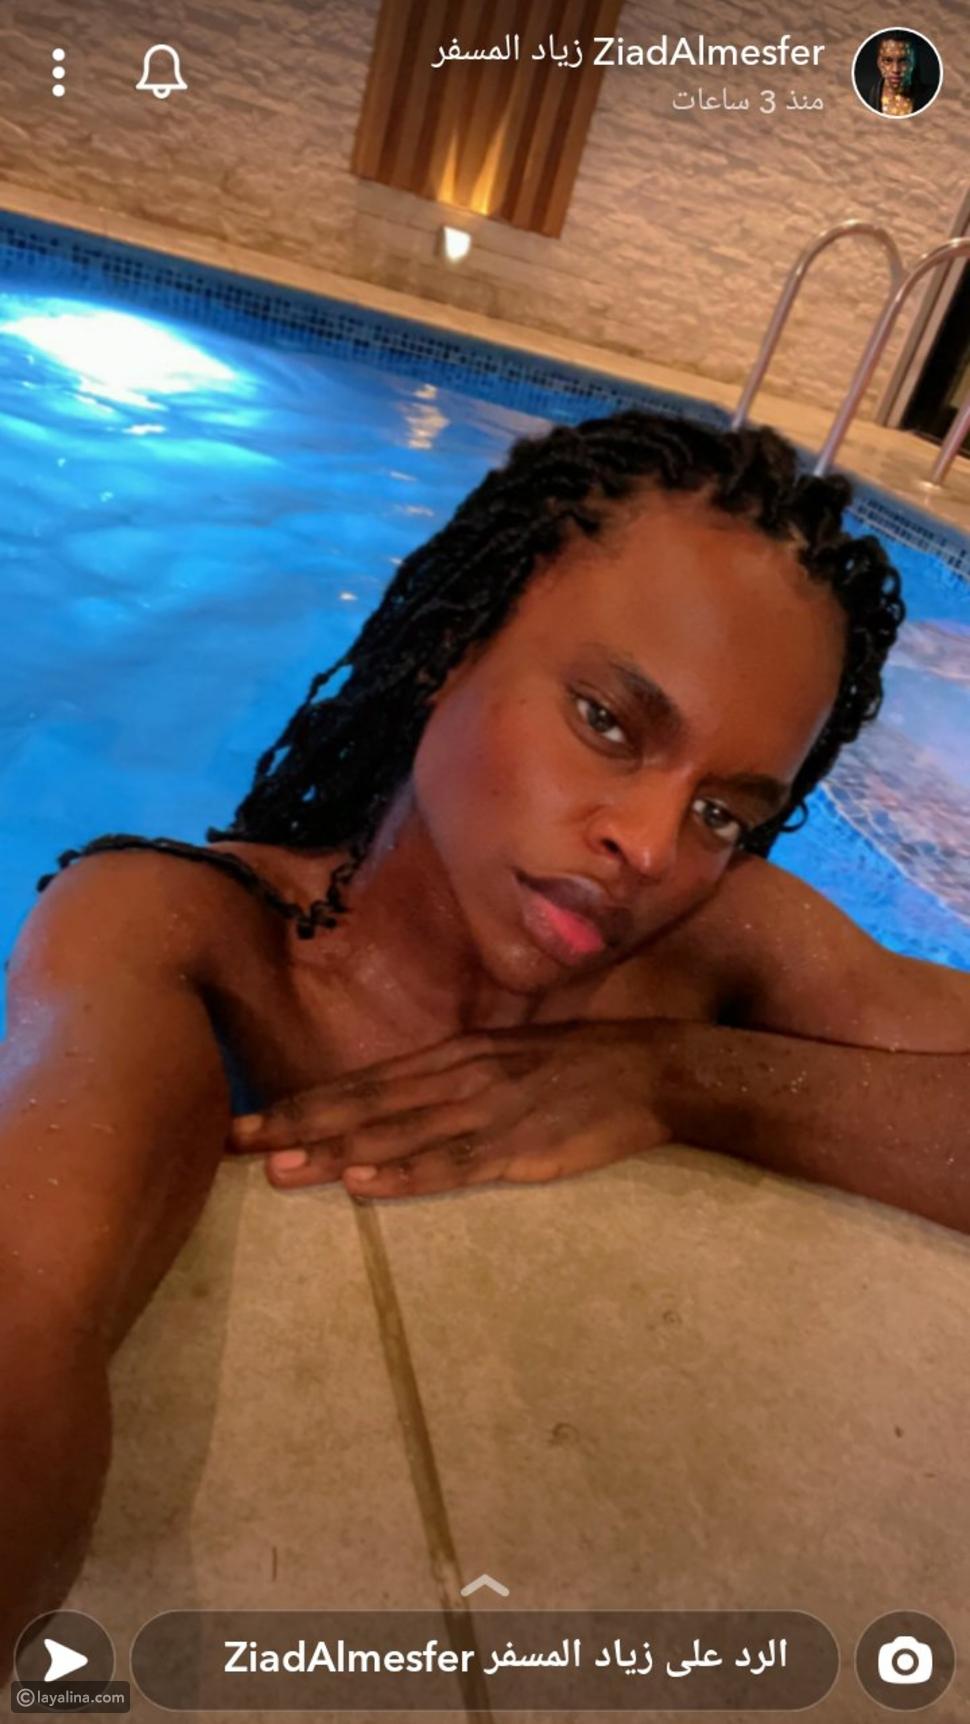 زياد المسفر يثير الجدل بظهوره في حوض السباحة